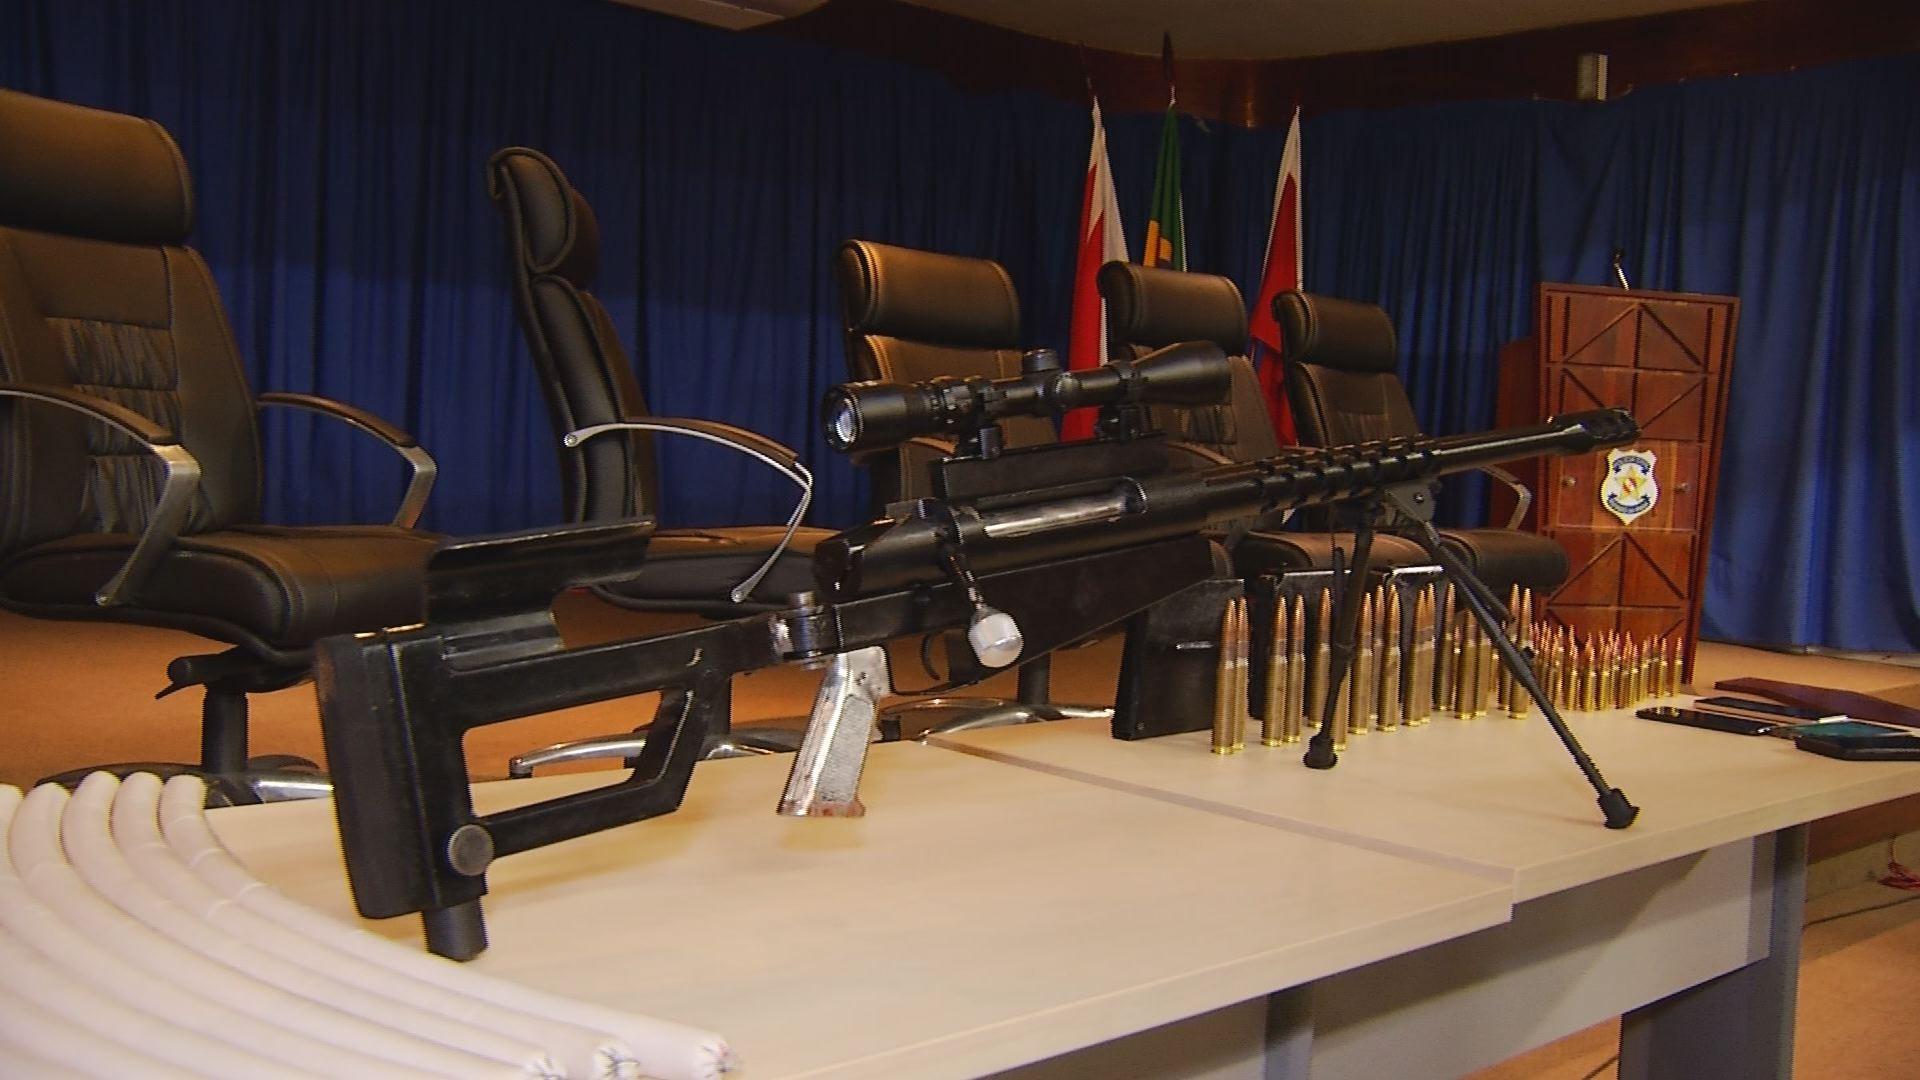 Fuzil de uso exclusivo das Forças Armadas é apreendido com quadrilha em Marabá